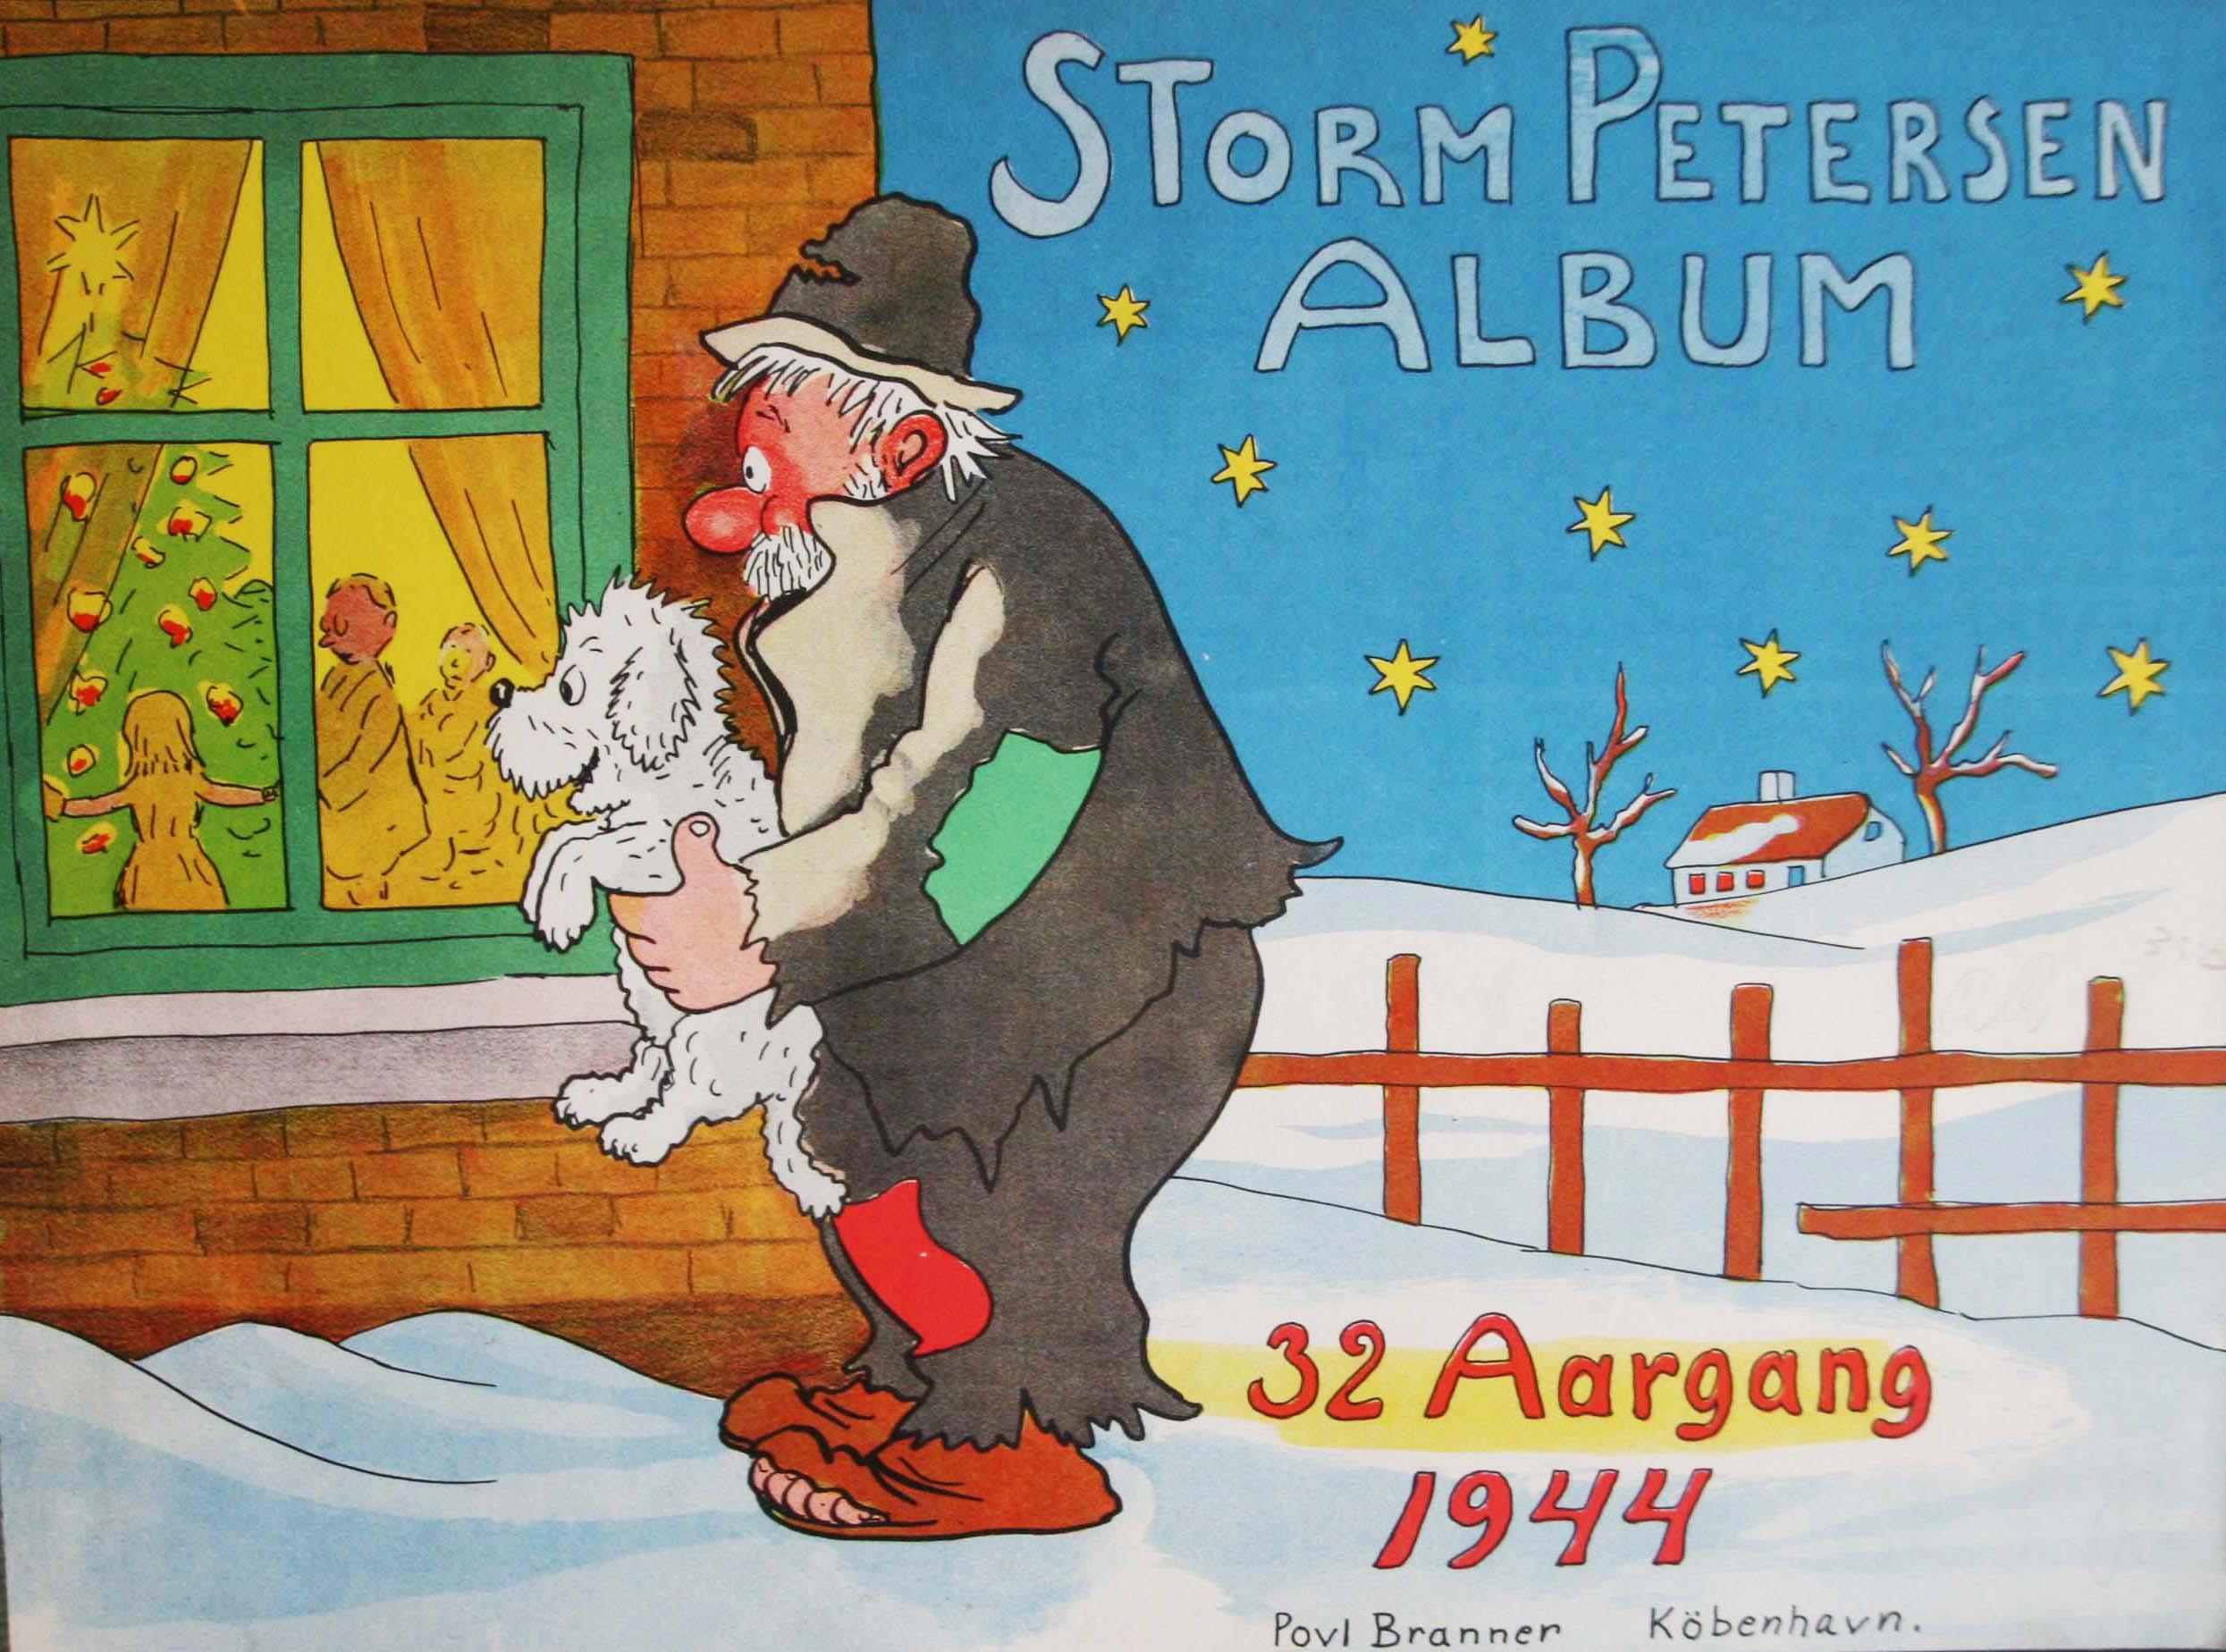 Robert Storm Petersen Storm P. Album 1944